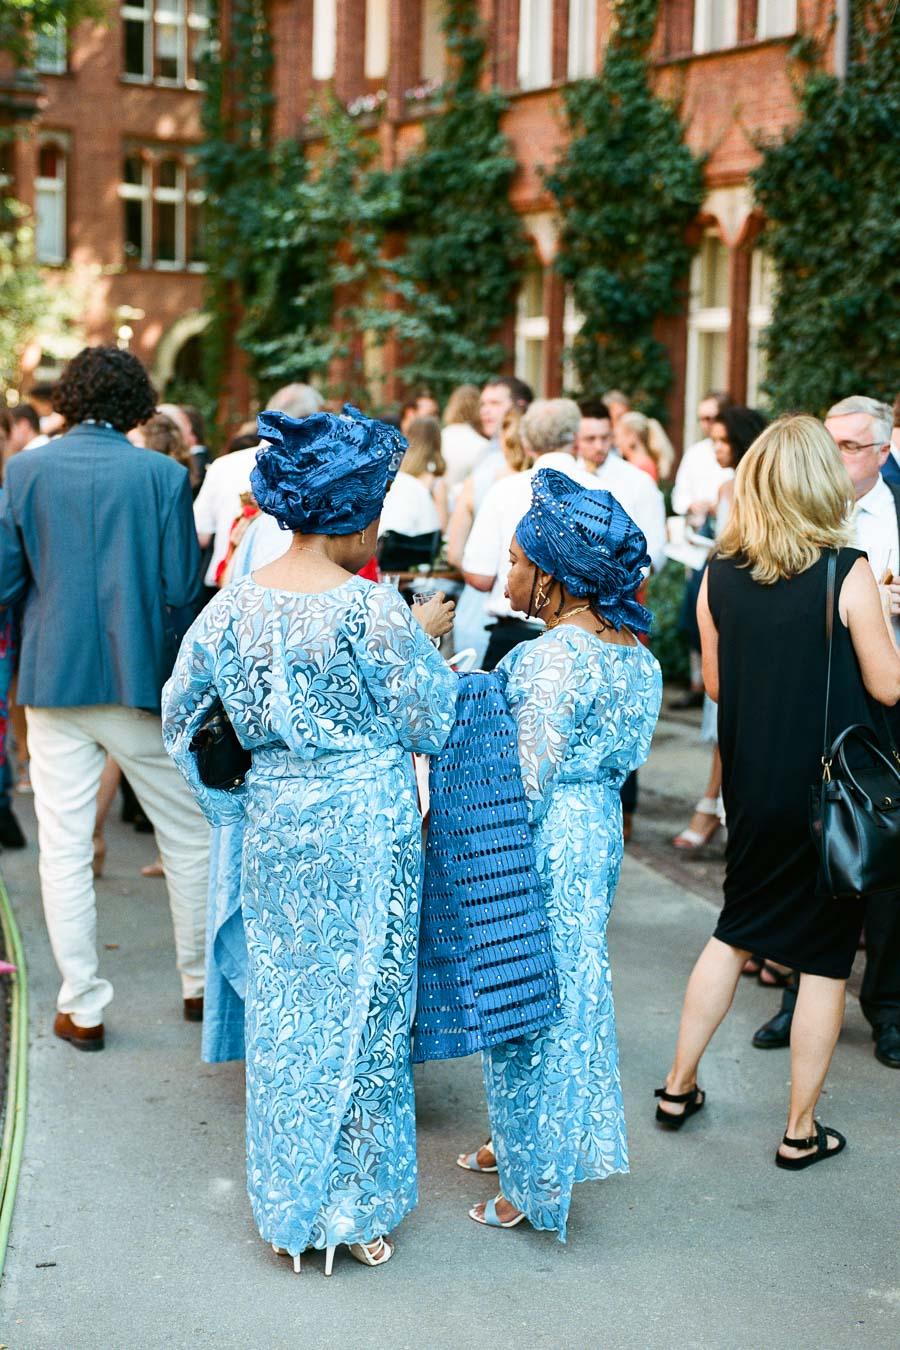 Hochzeitsgäste in traditionellen nigerianischen Outfits